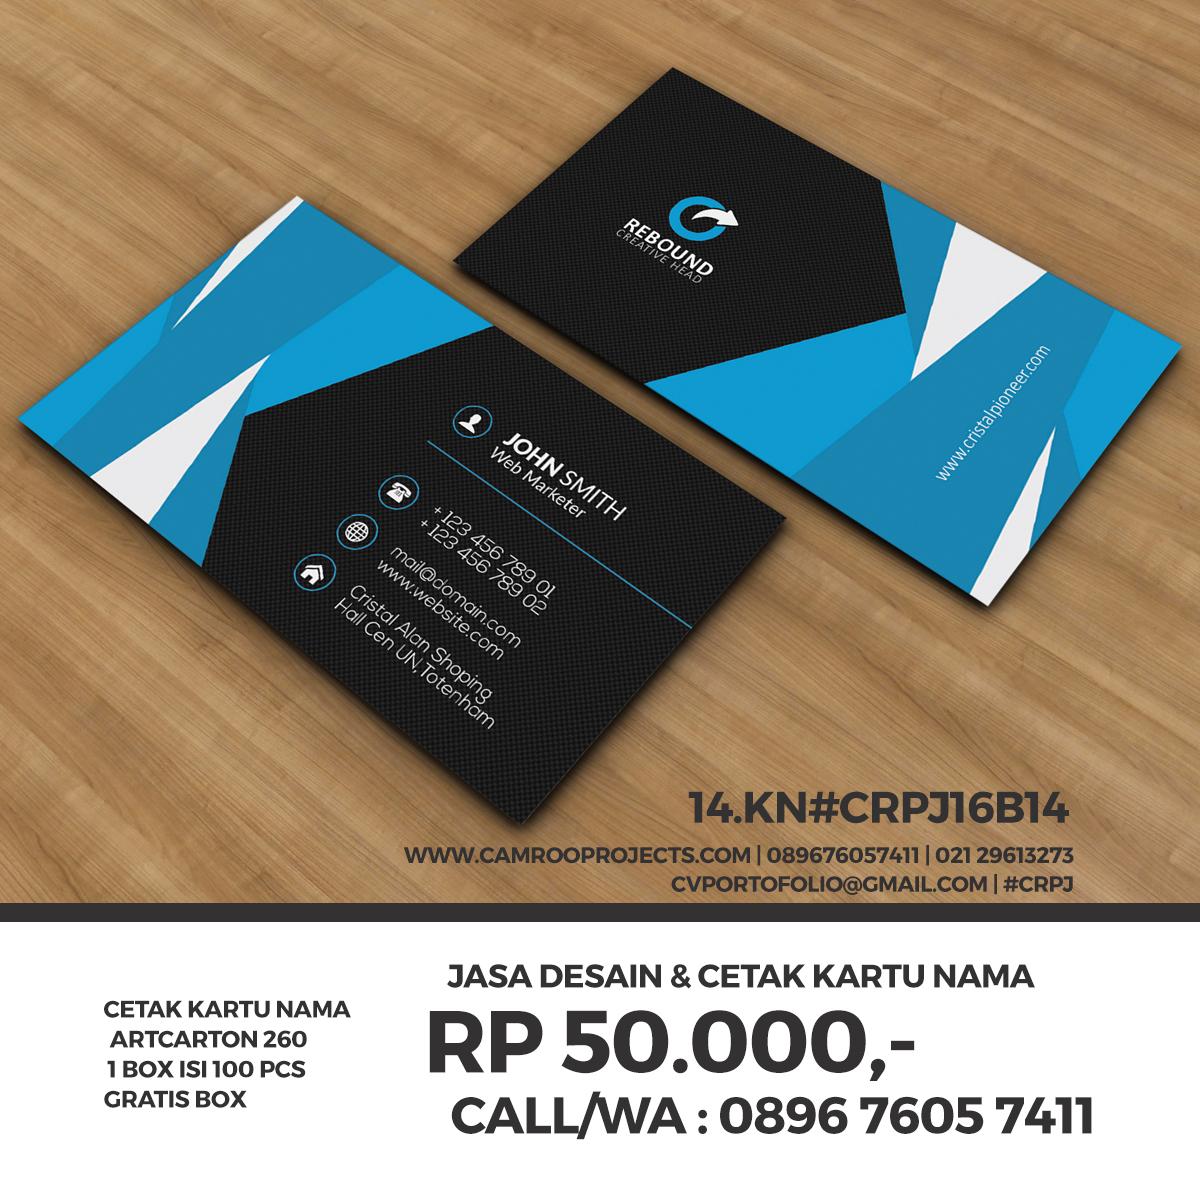 Jasa Desain Kartu Nama | bagus | Call/WA 0896 760 574 11